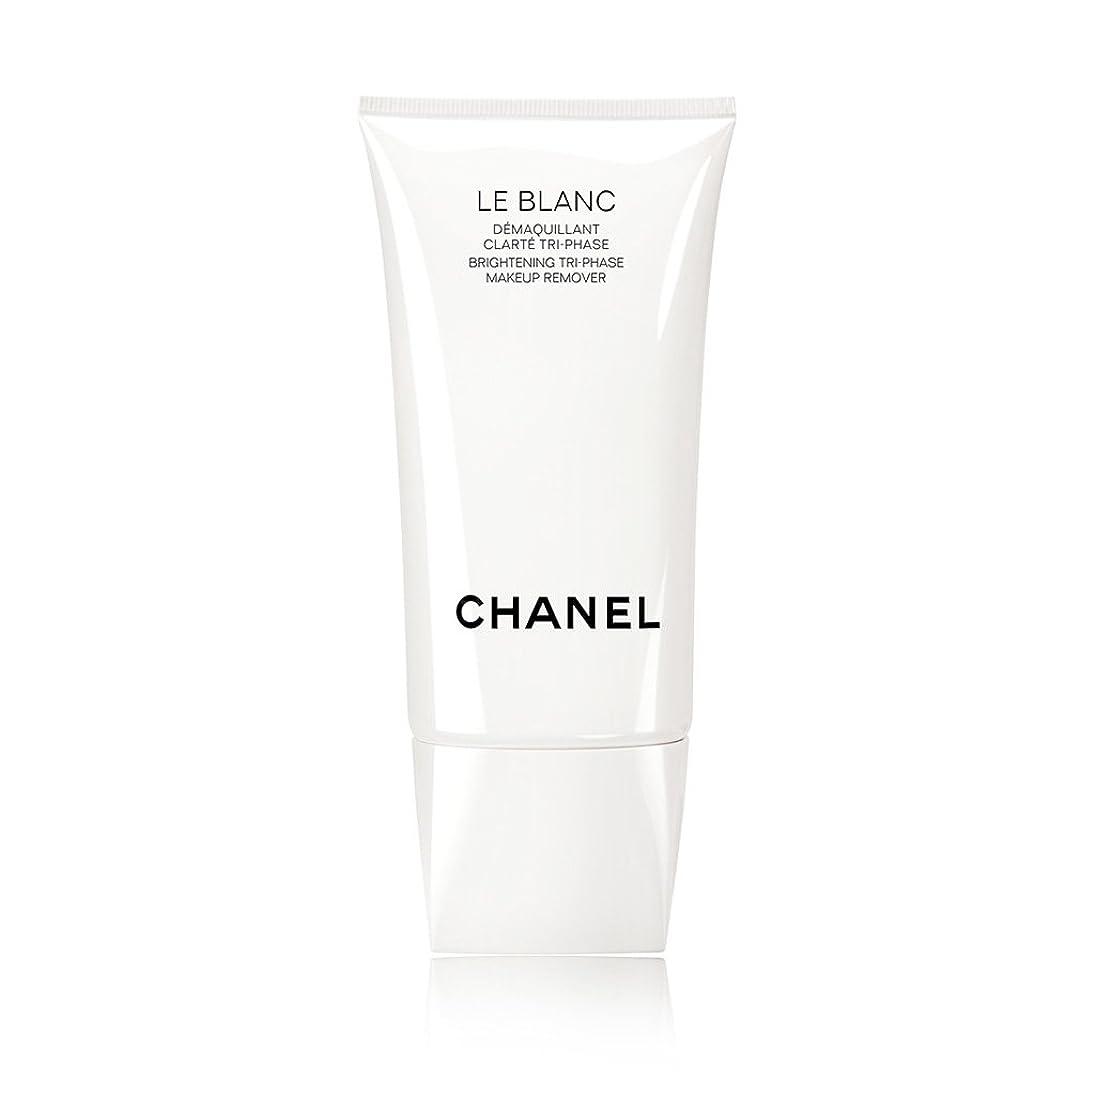 ことわざ返還真剣にCHANEL LE BLANC ル ブラン メークアップ リムーバー